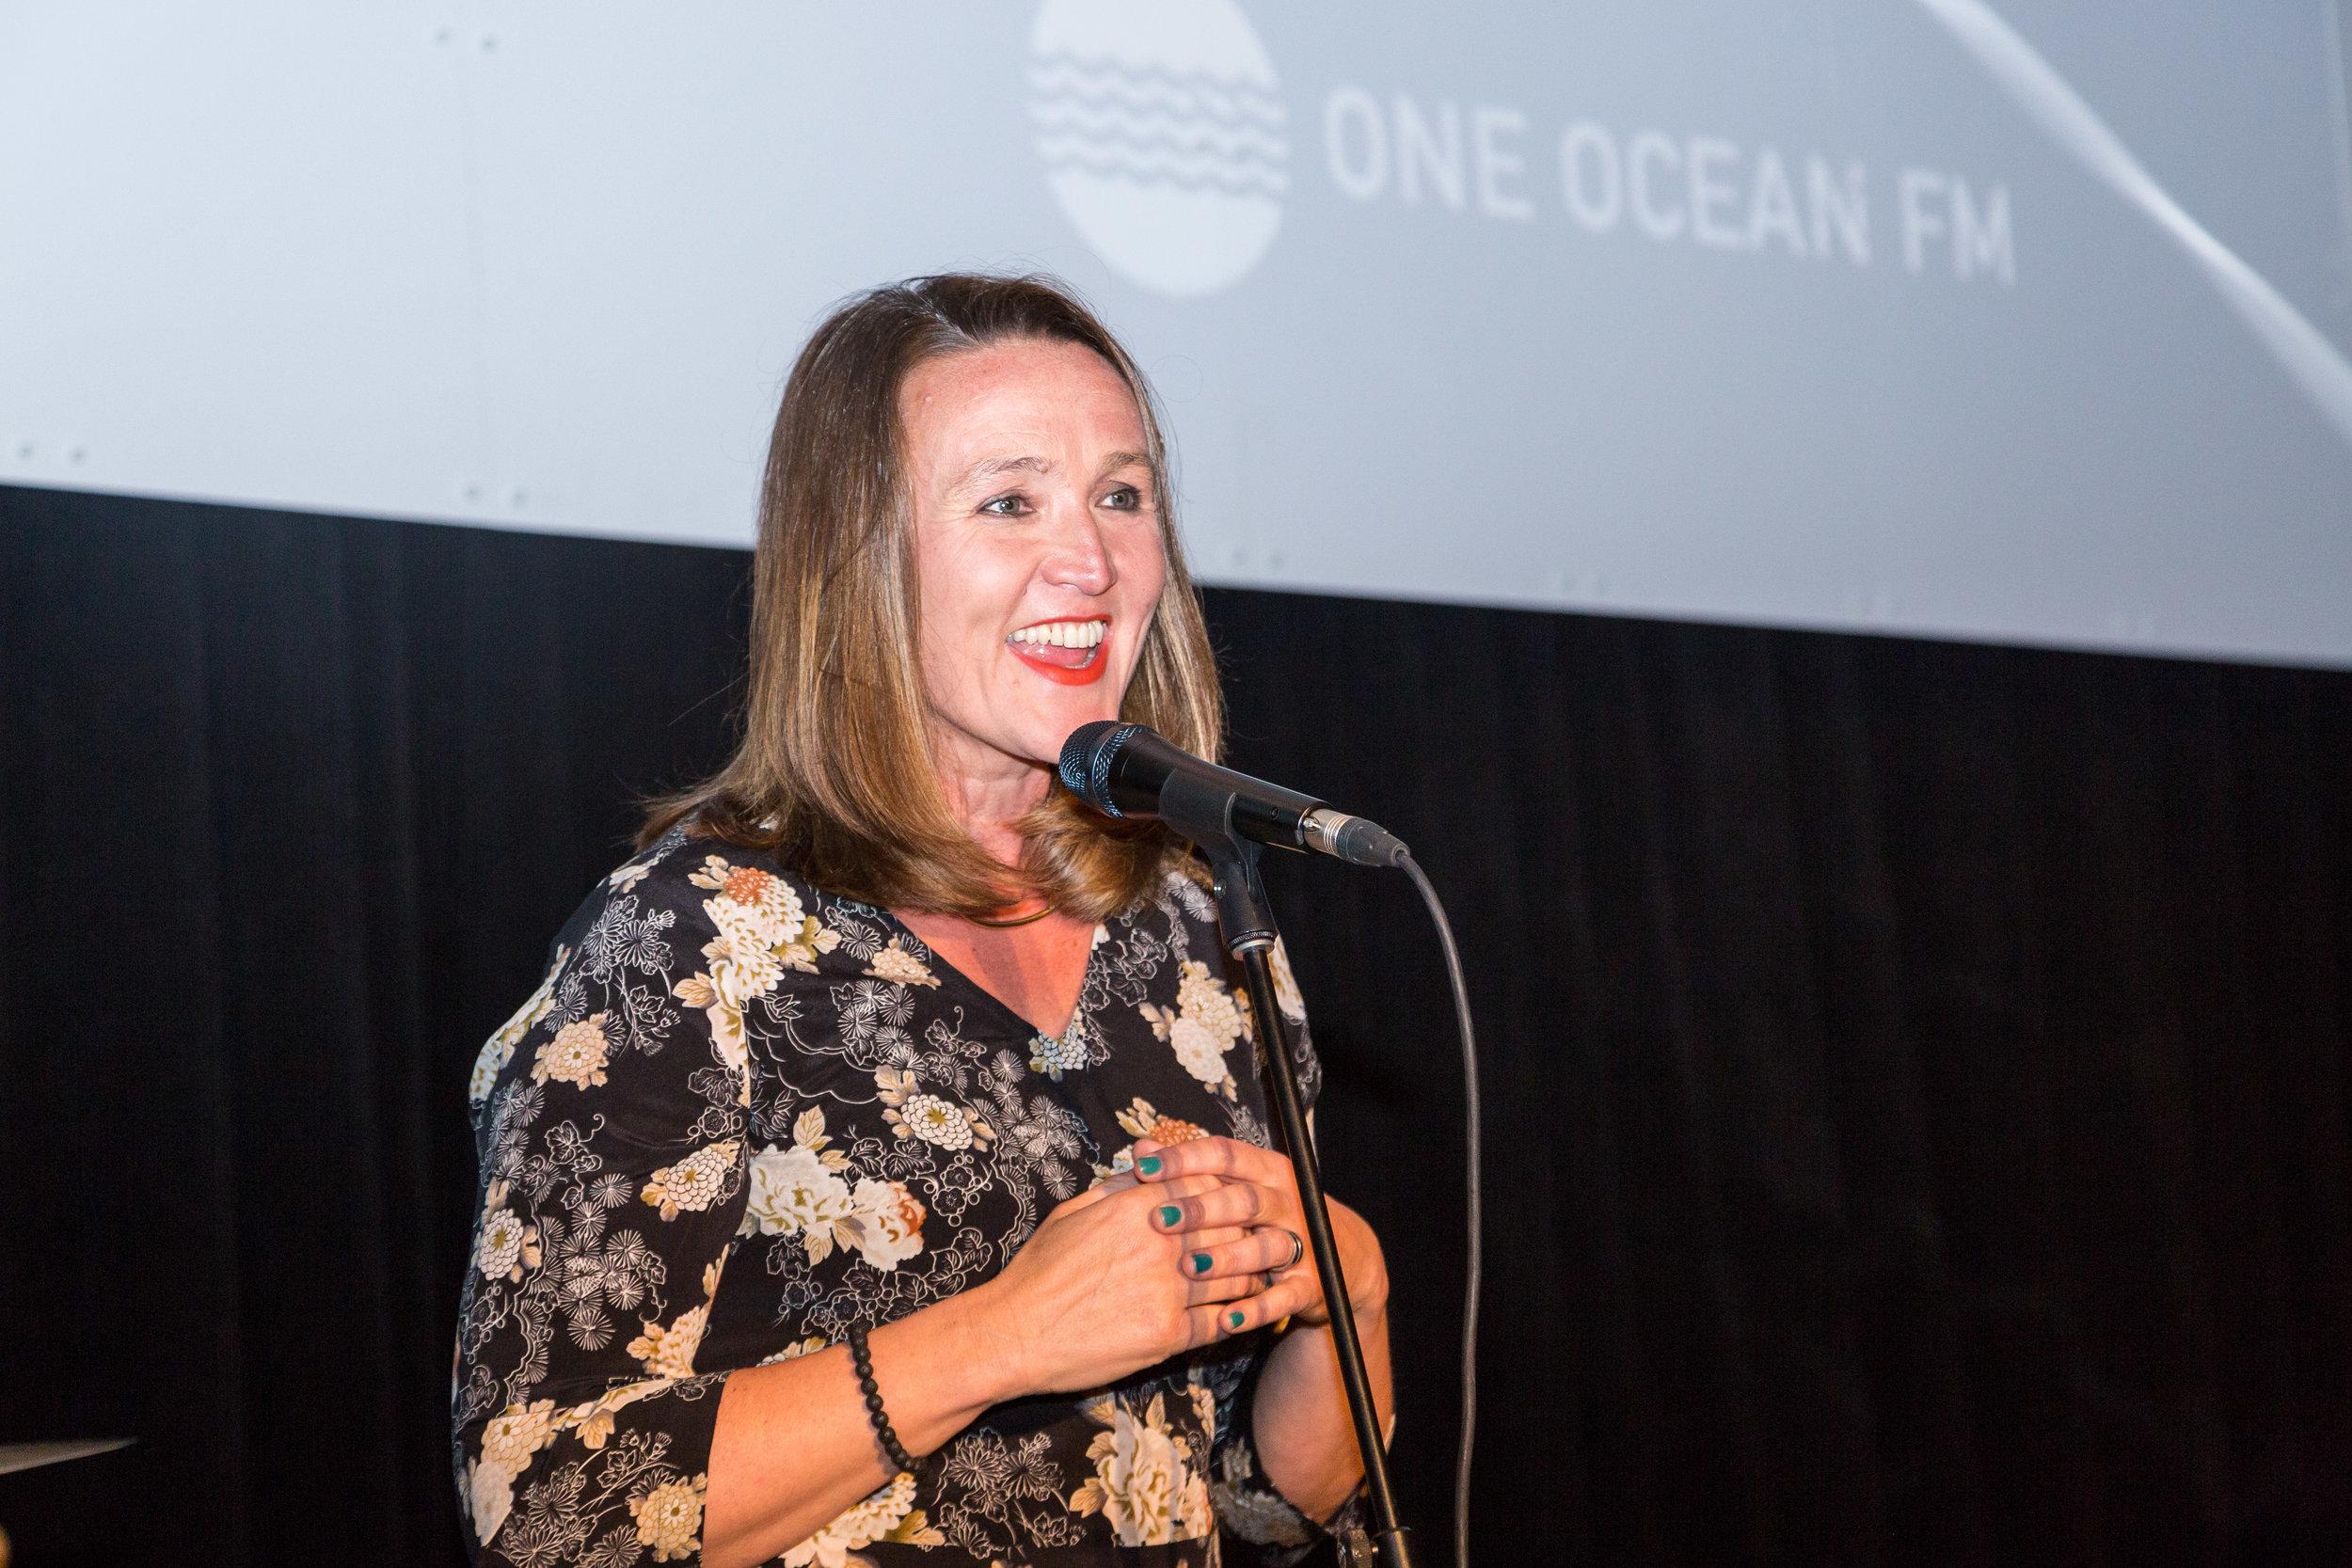 GAIL GALLIE LAUNCHES ONE OCEAN FM